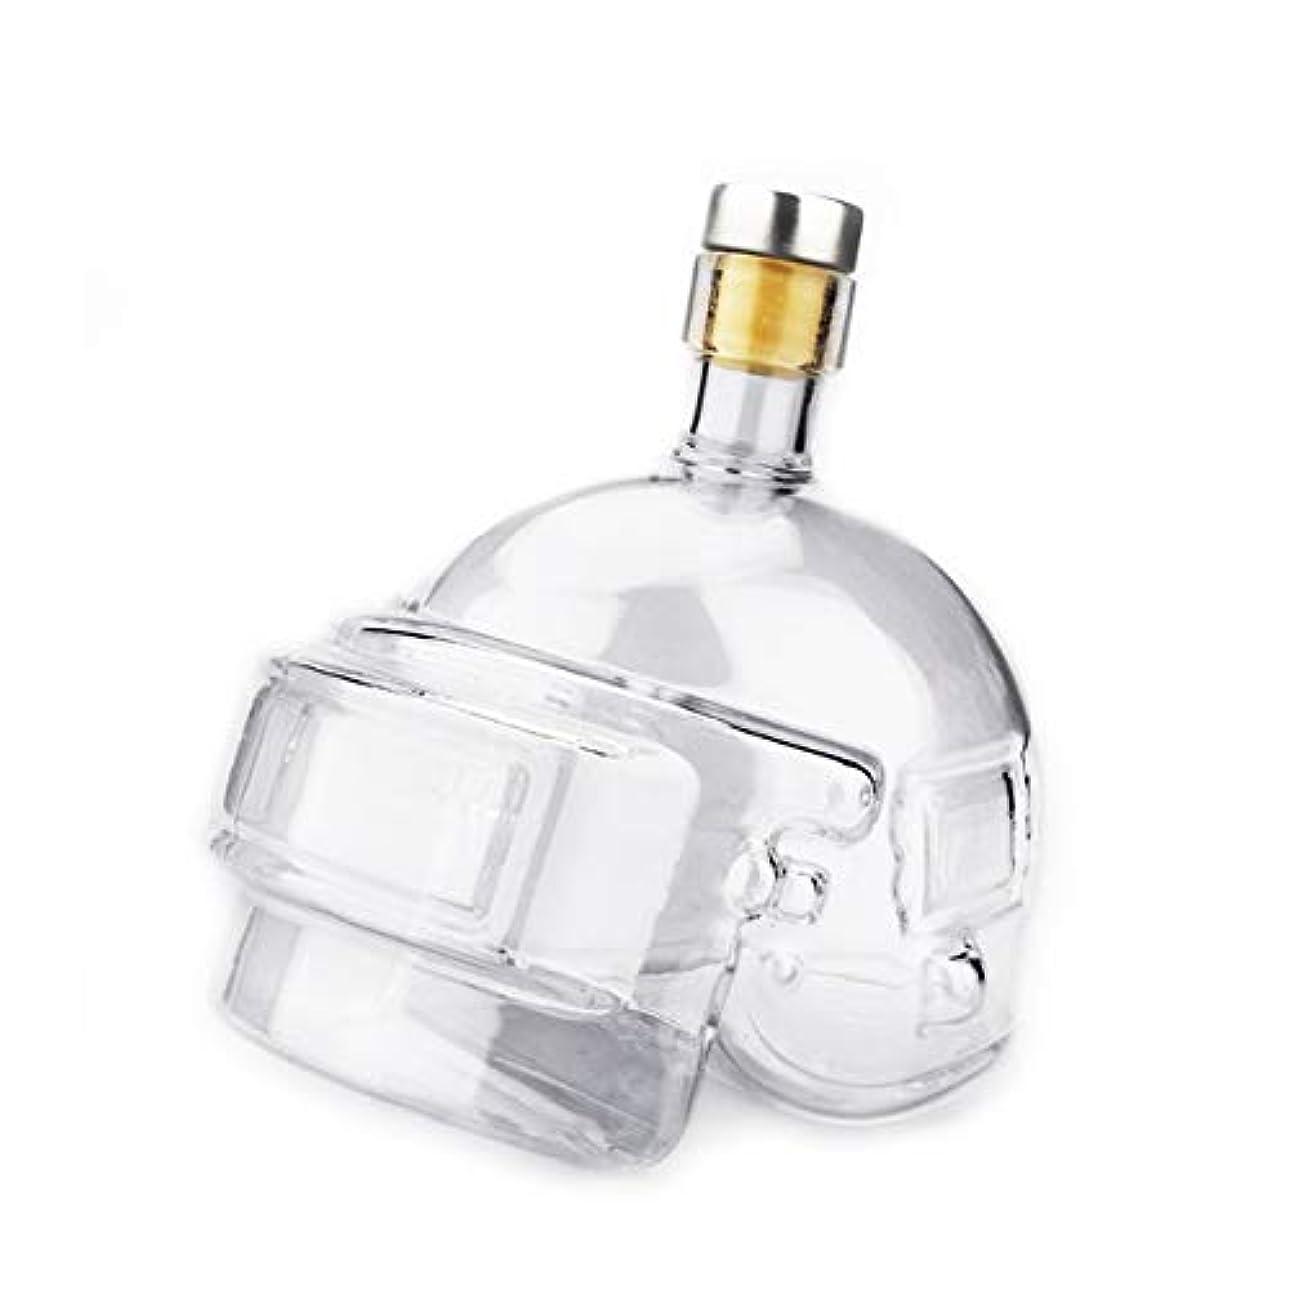 誓うランダム薄めるSaikogoods ノベルティデザイン ワインポットヘルメット ウォッカウイスキーボトル グラスジャグ ホームバー ゲームおもちゃ デキャンタフラゴンを飲みます トランスペアレント